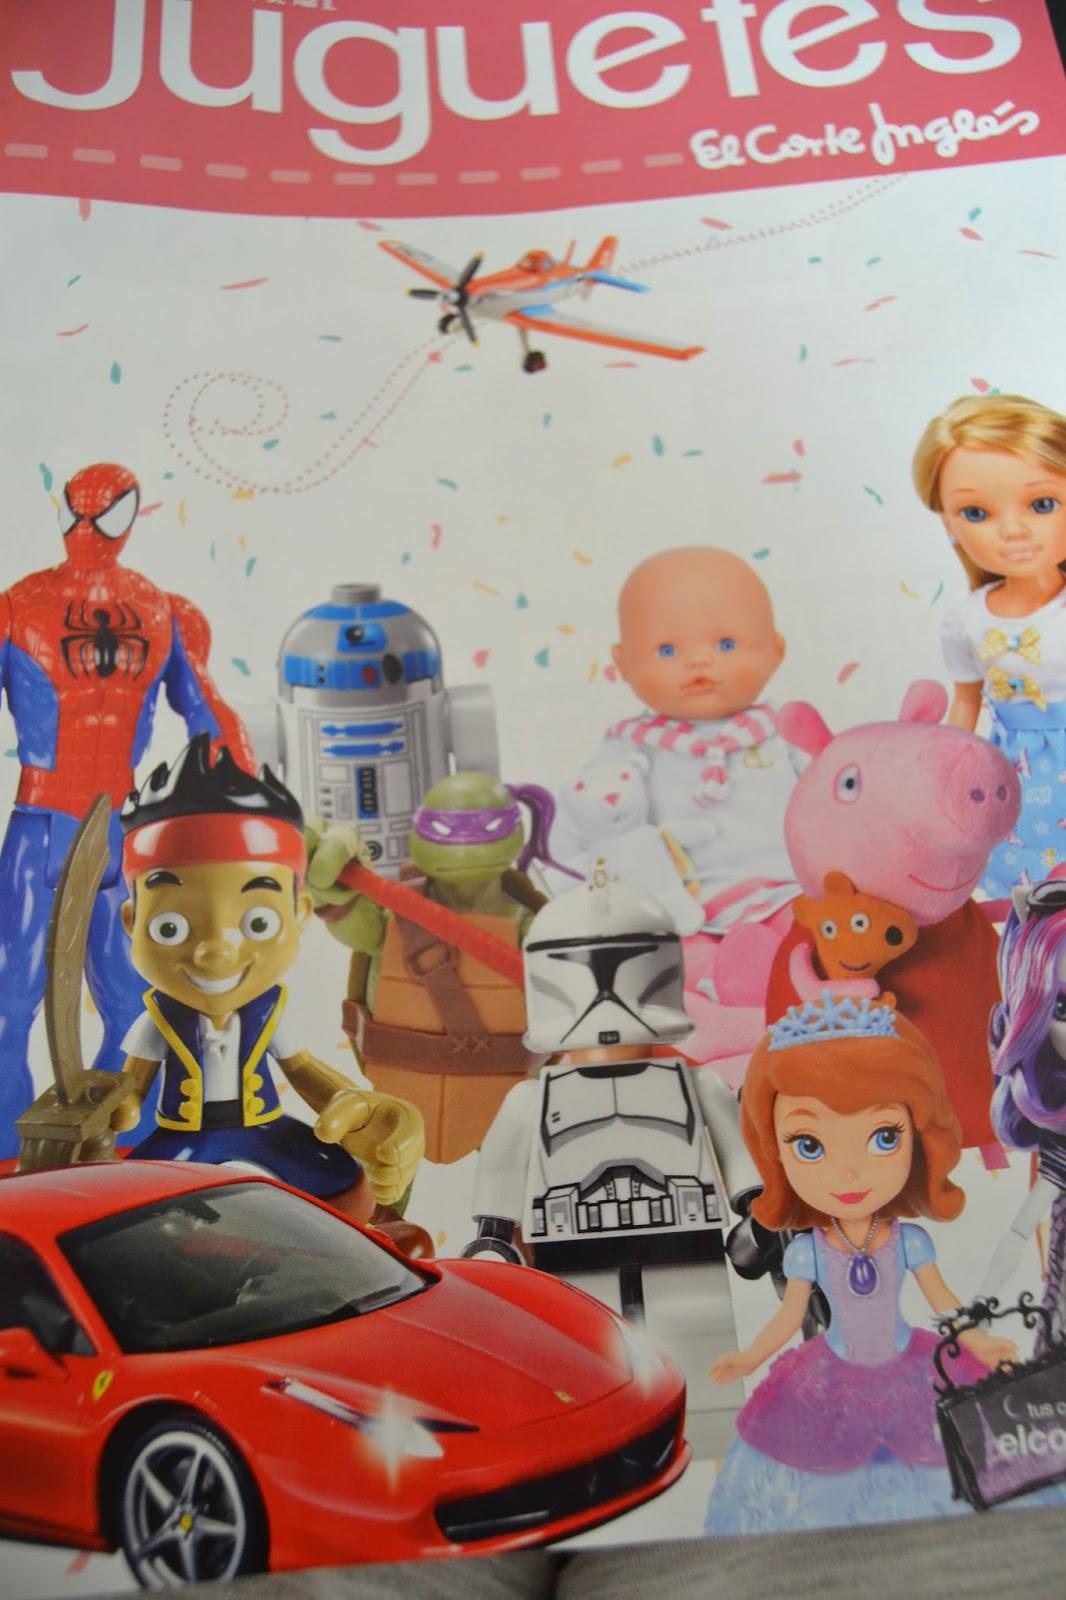 Trendy juguetes el corte ingles trae su nuevo catalogo de - Catalogo de juguetes el corte ingles 2014 ...